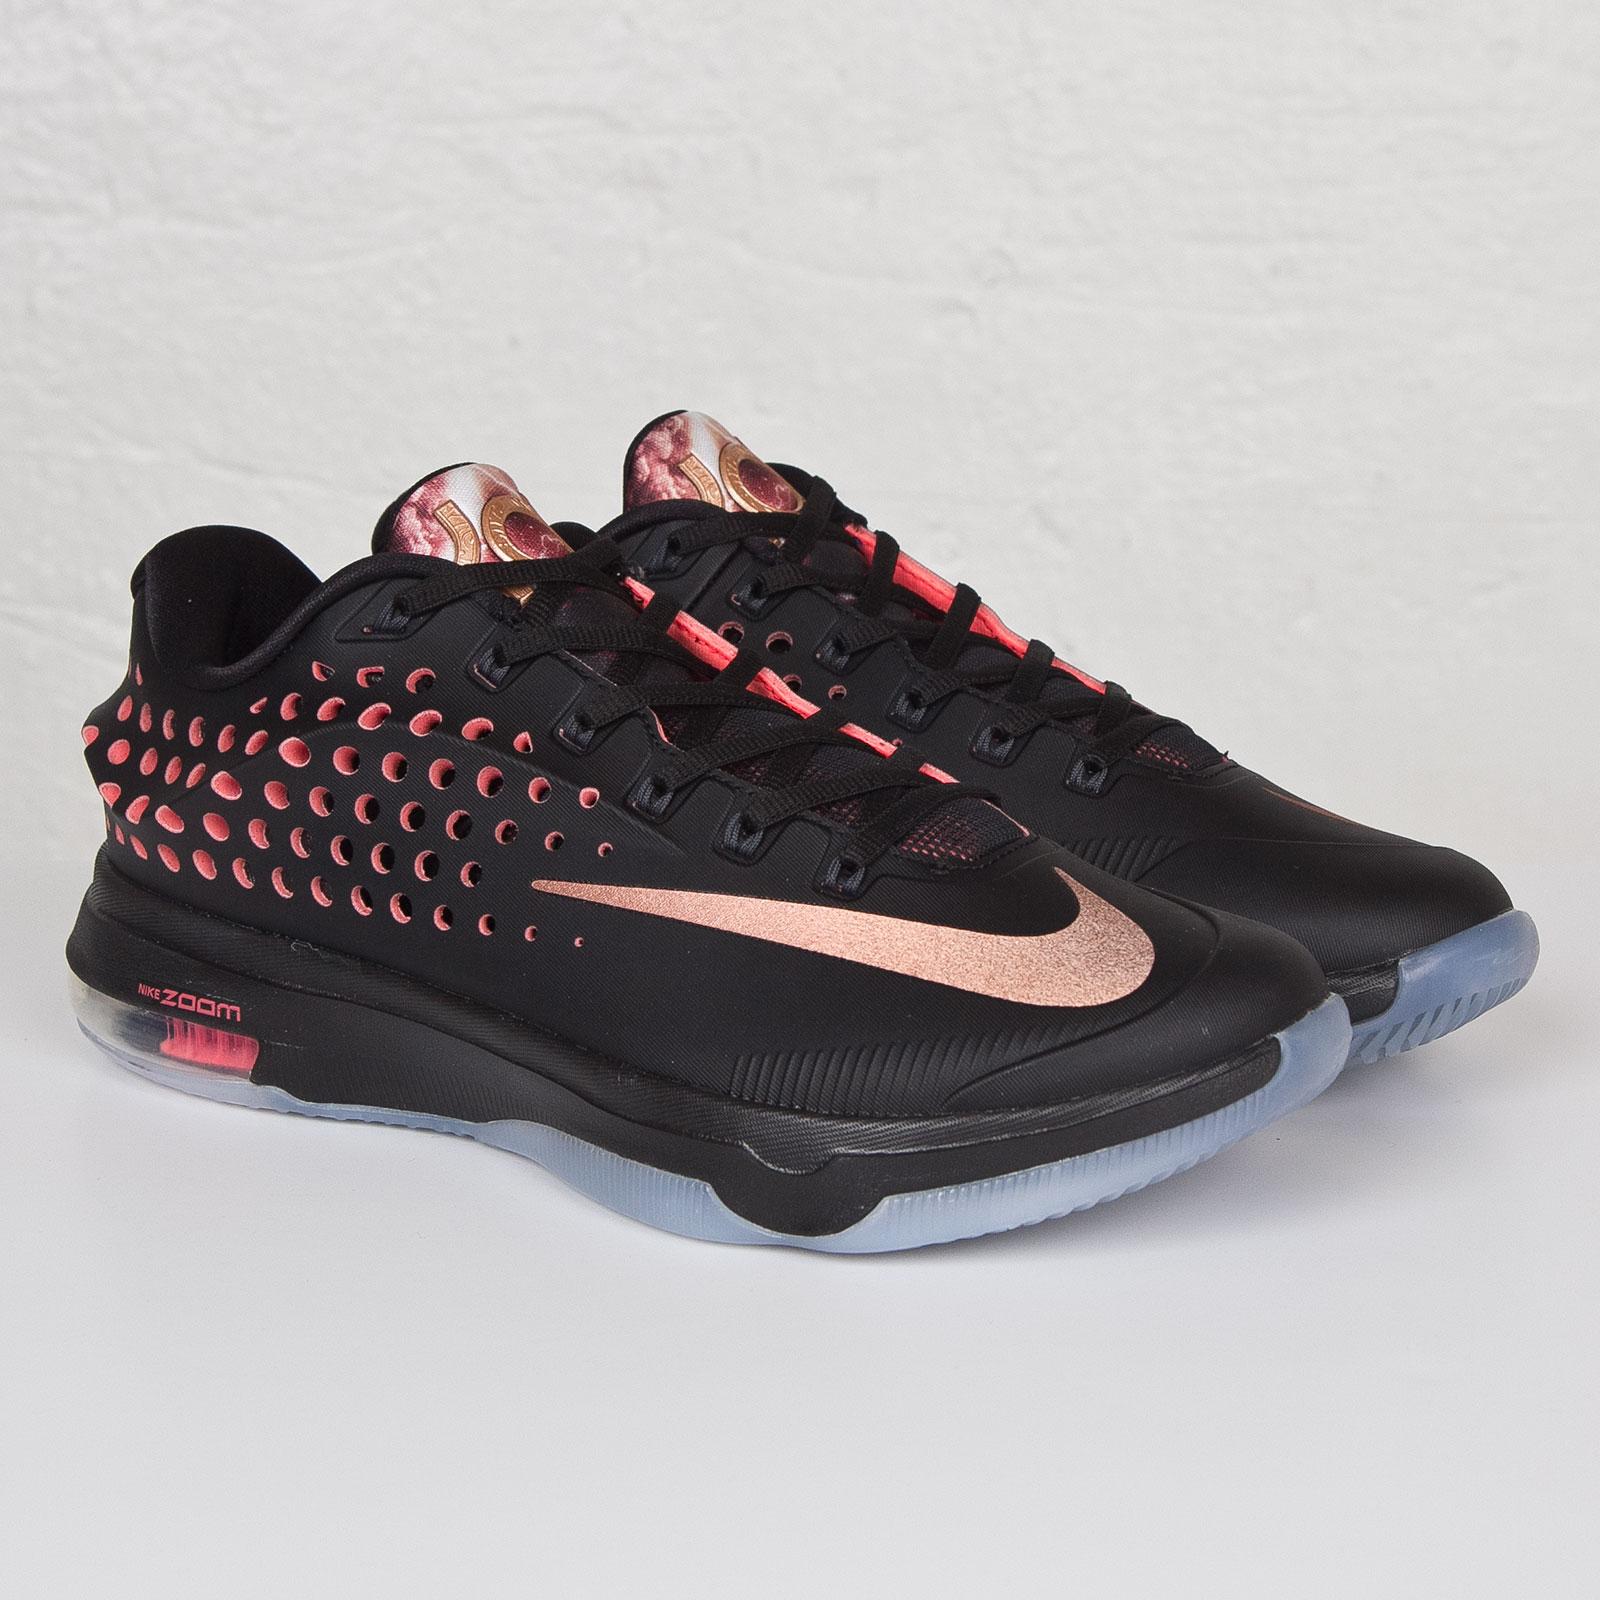 low priced 26234 0dc66 Nike KD VII Elite